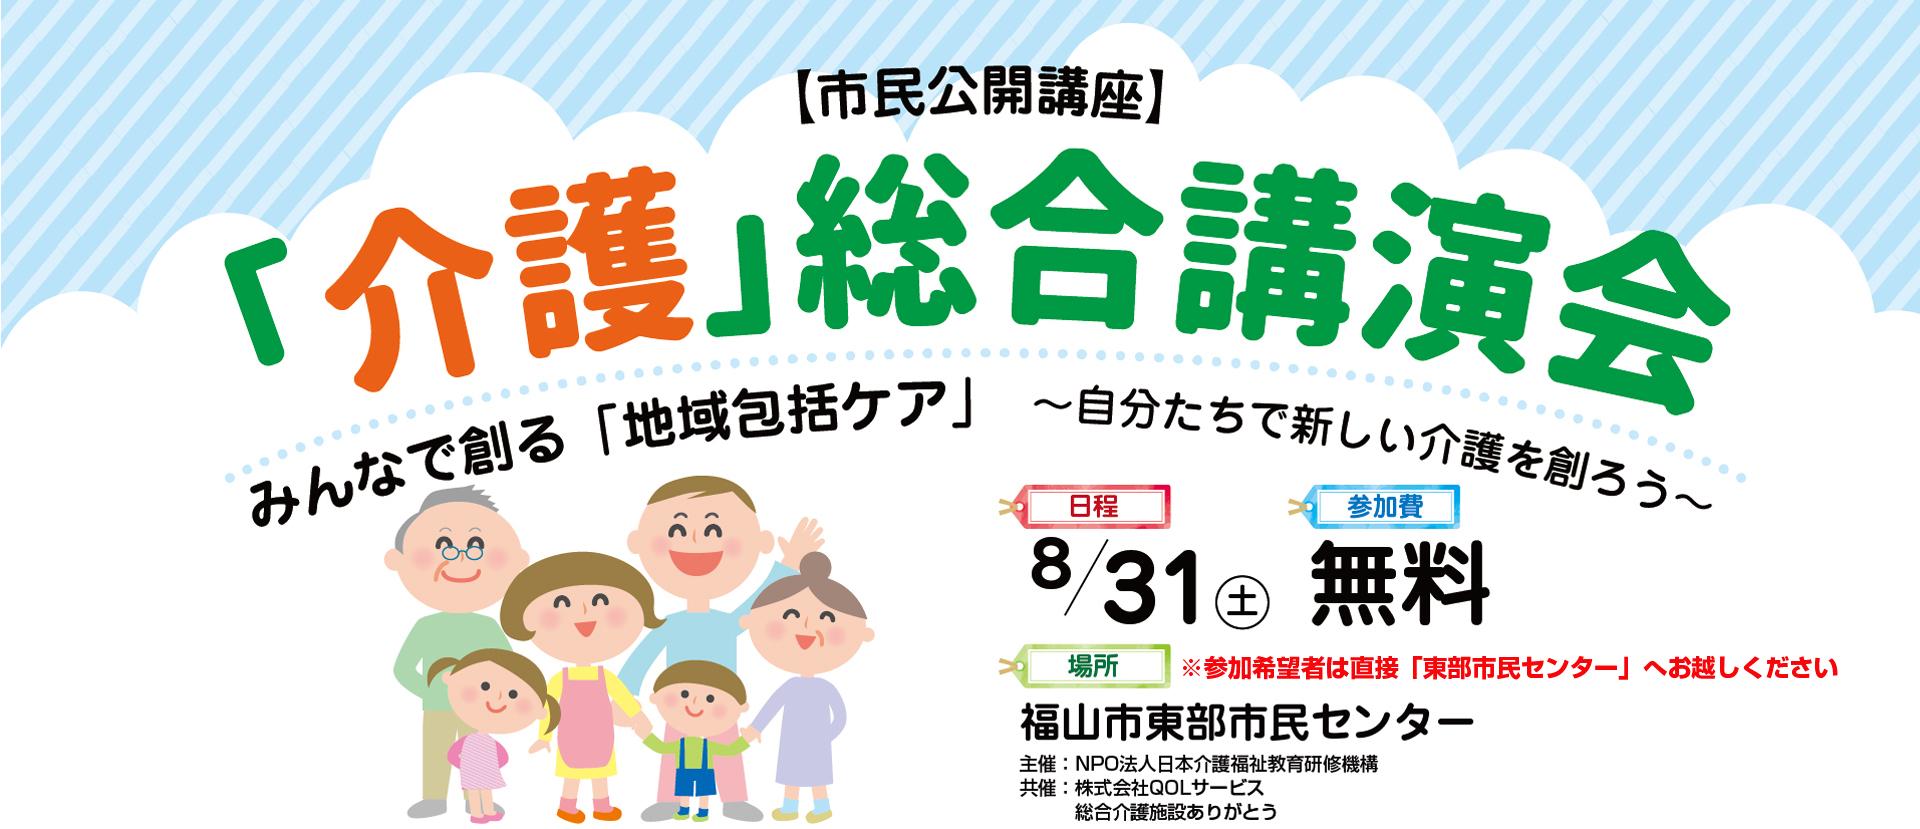 介護講演会!!